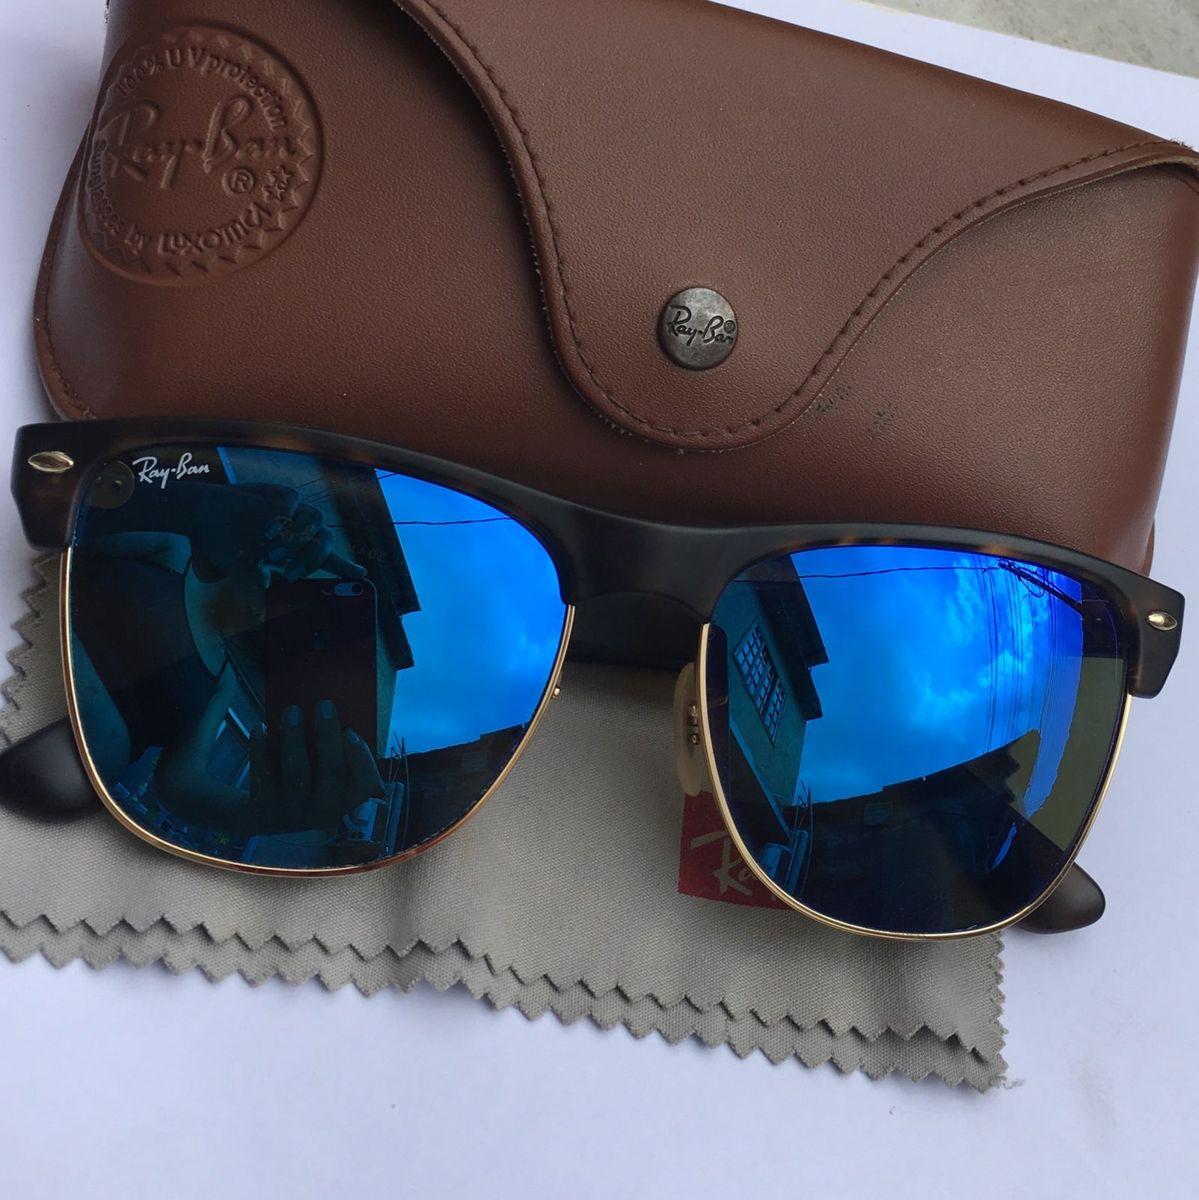 Rayban Pouco Usado Lente Espelhada Azul   Óculos Feminino Ray Ban ... 00d25b8128